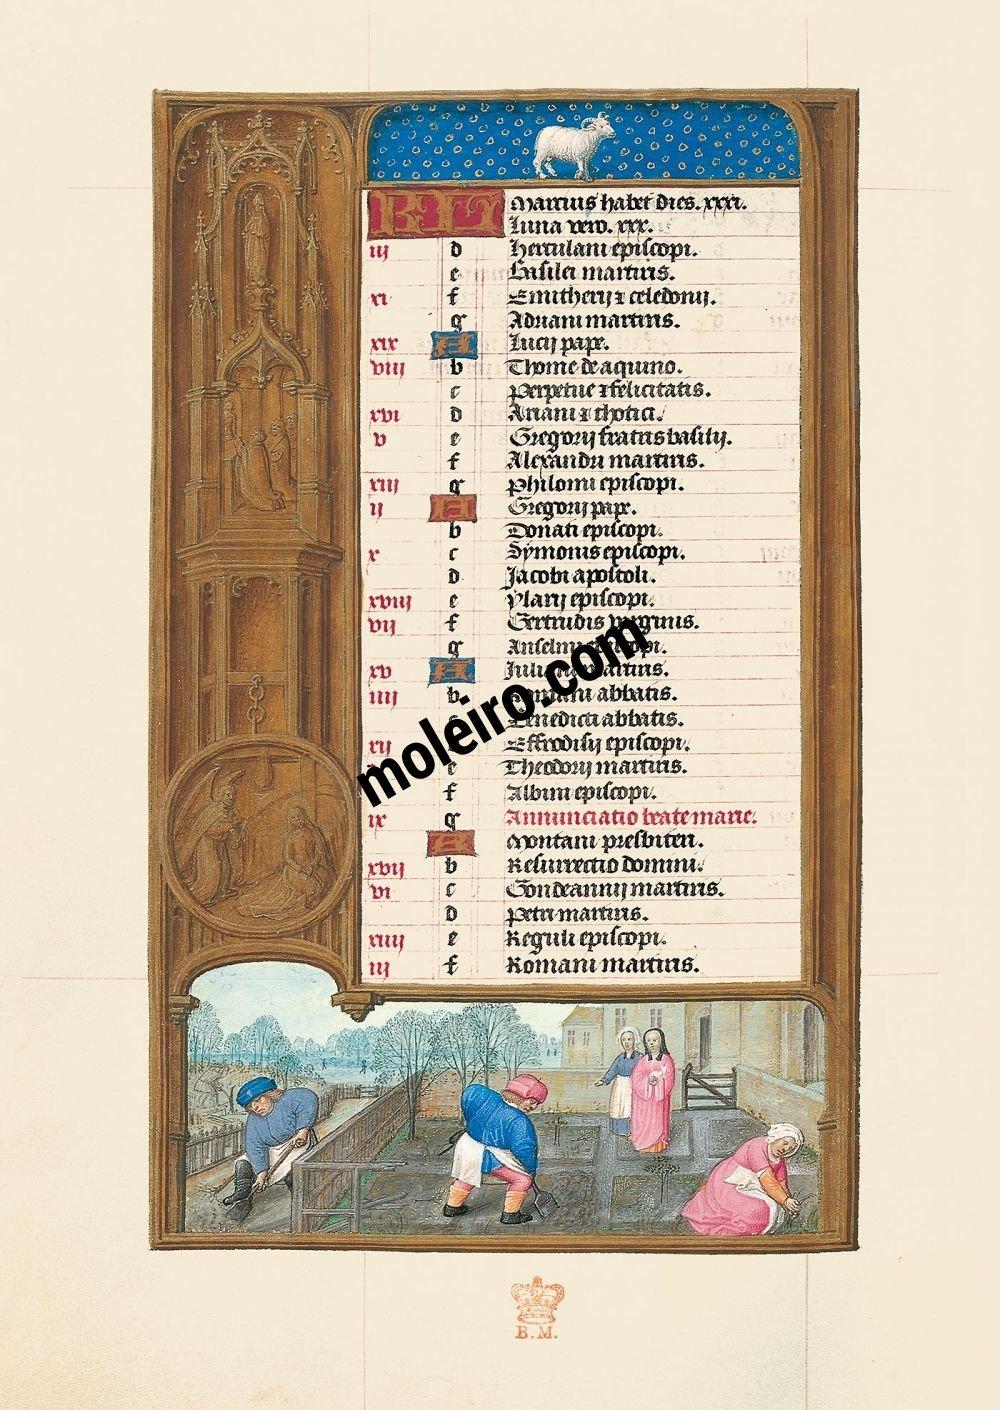 Livro de Horas de Joana I de Castela, Joana a Louca f. 2v